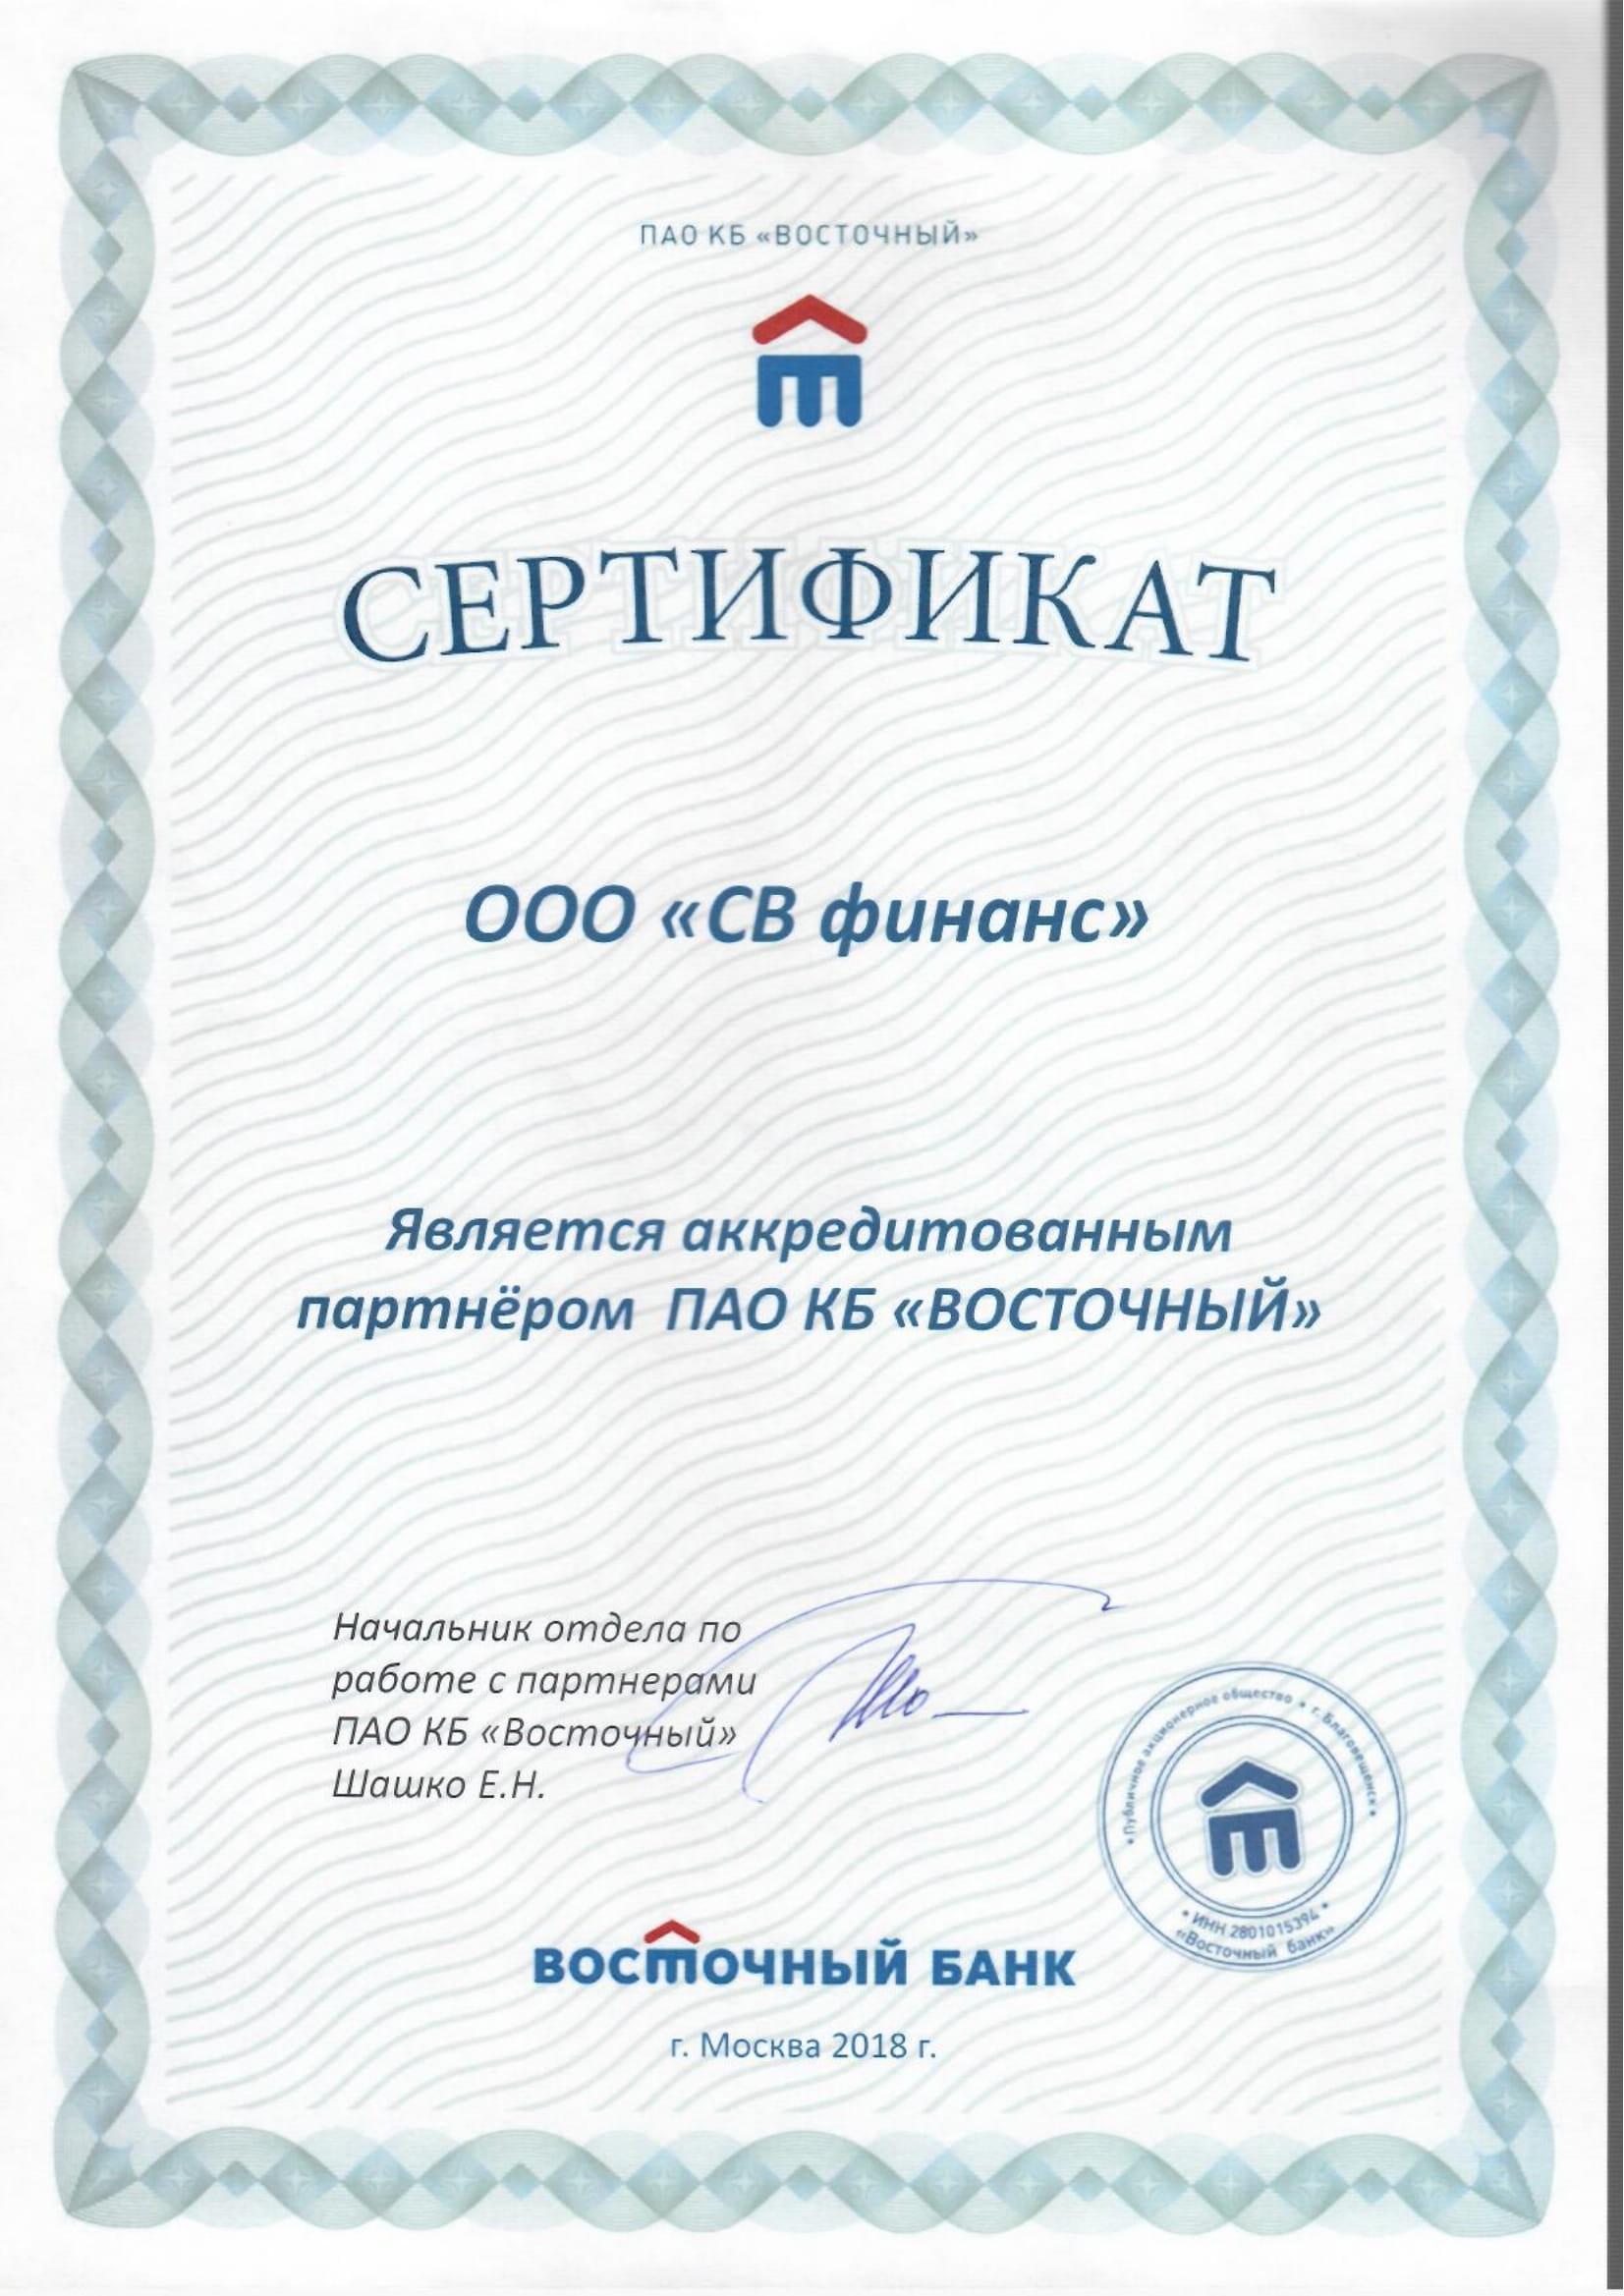 ВЭ сертифкат-1